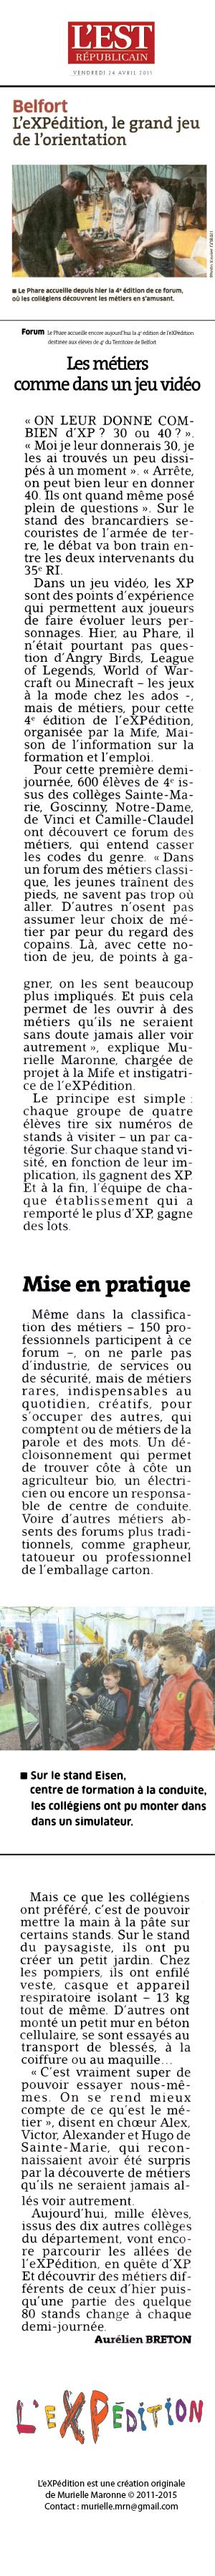 presse-eXPédition-reseau-metier-murielle-maronne